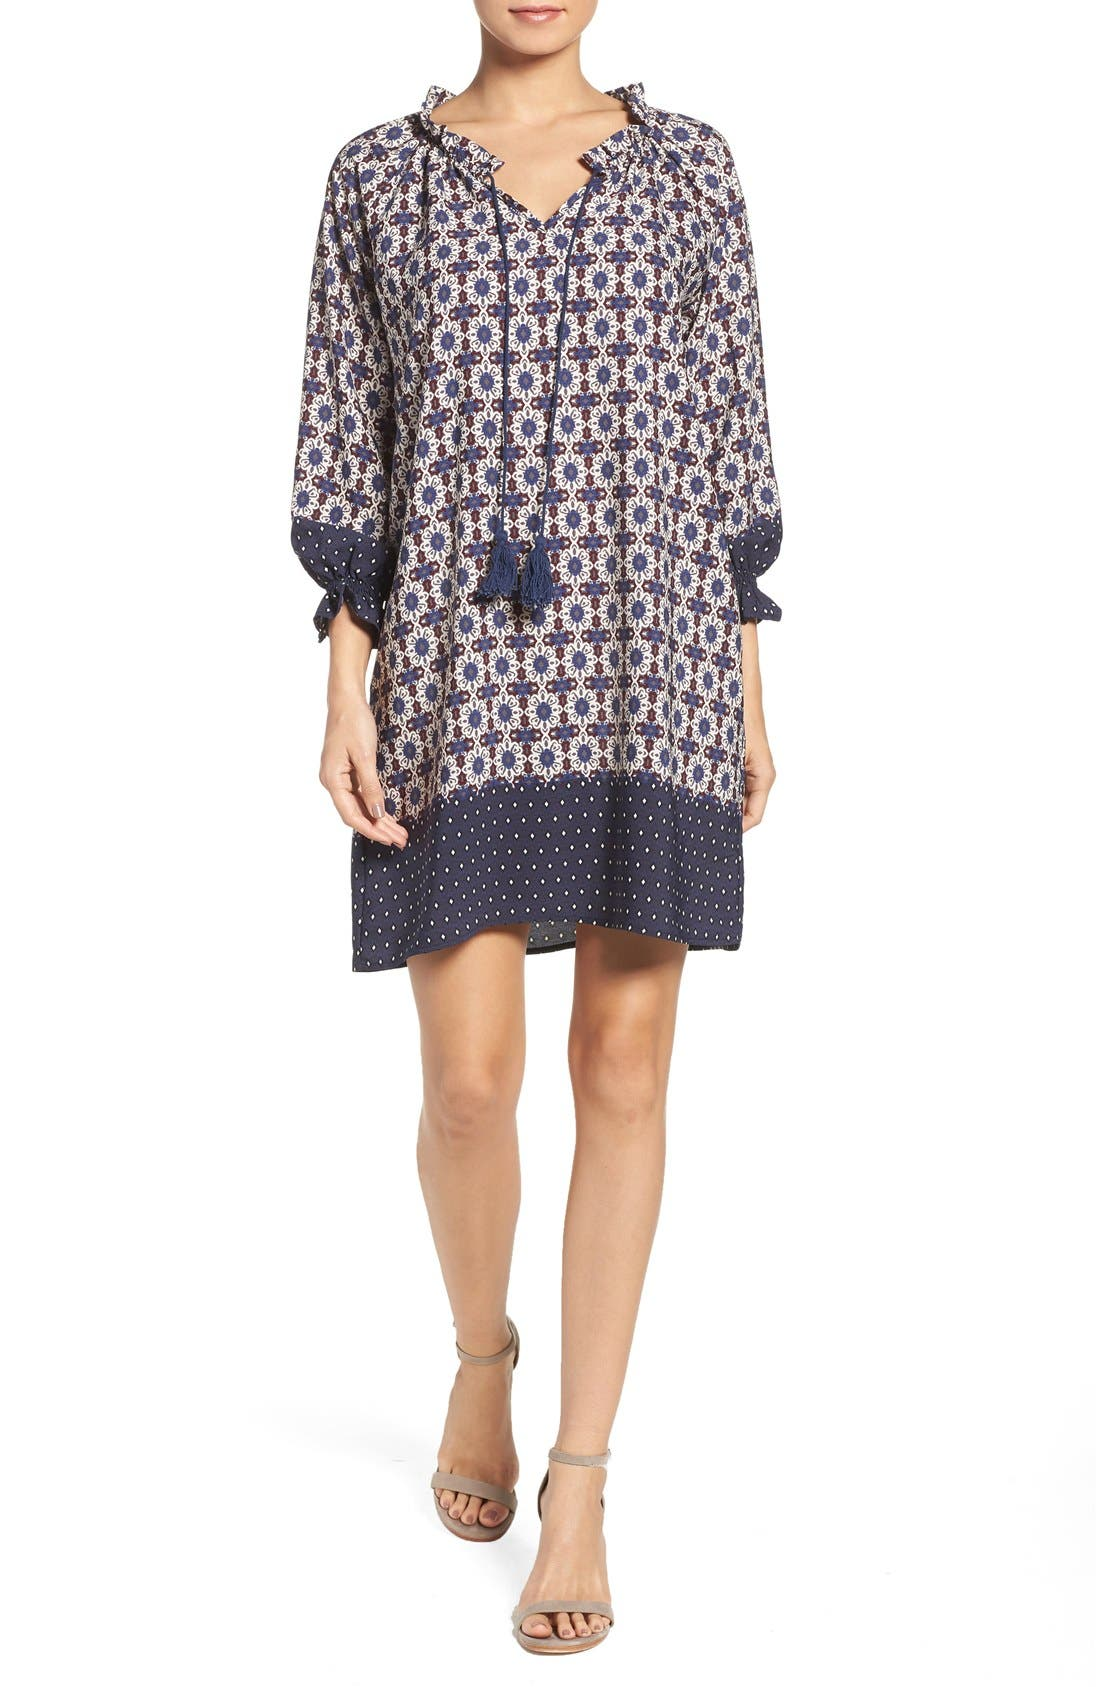 Catella Tunic Dress,                             Alternate thumbnail 9, color,                             410